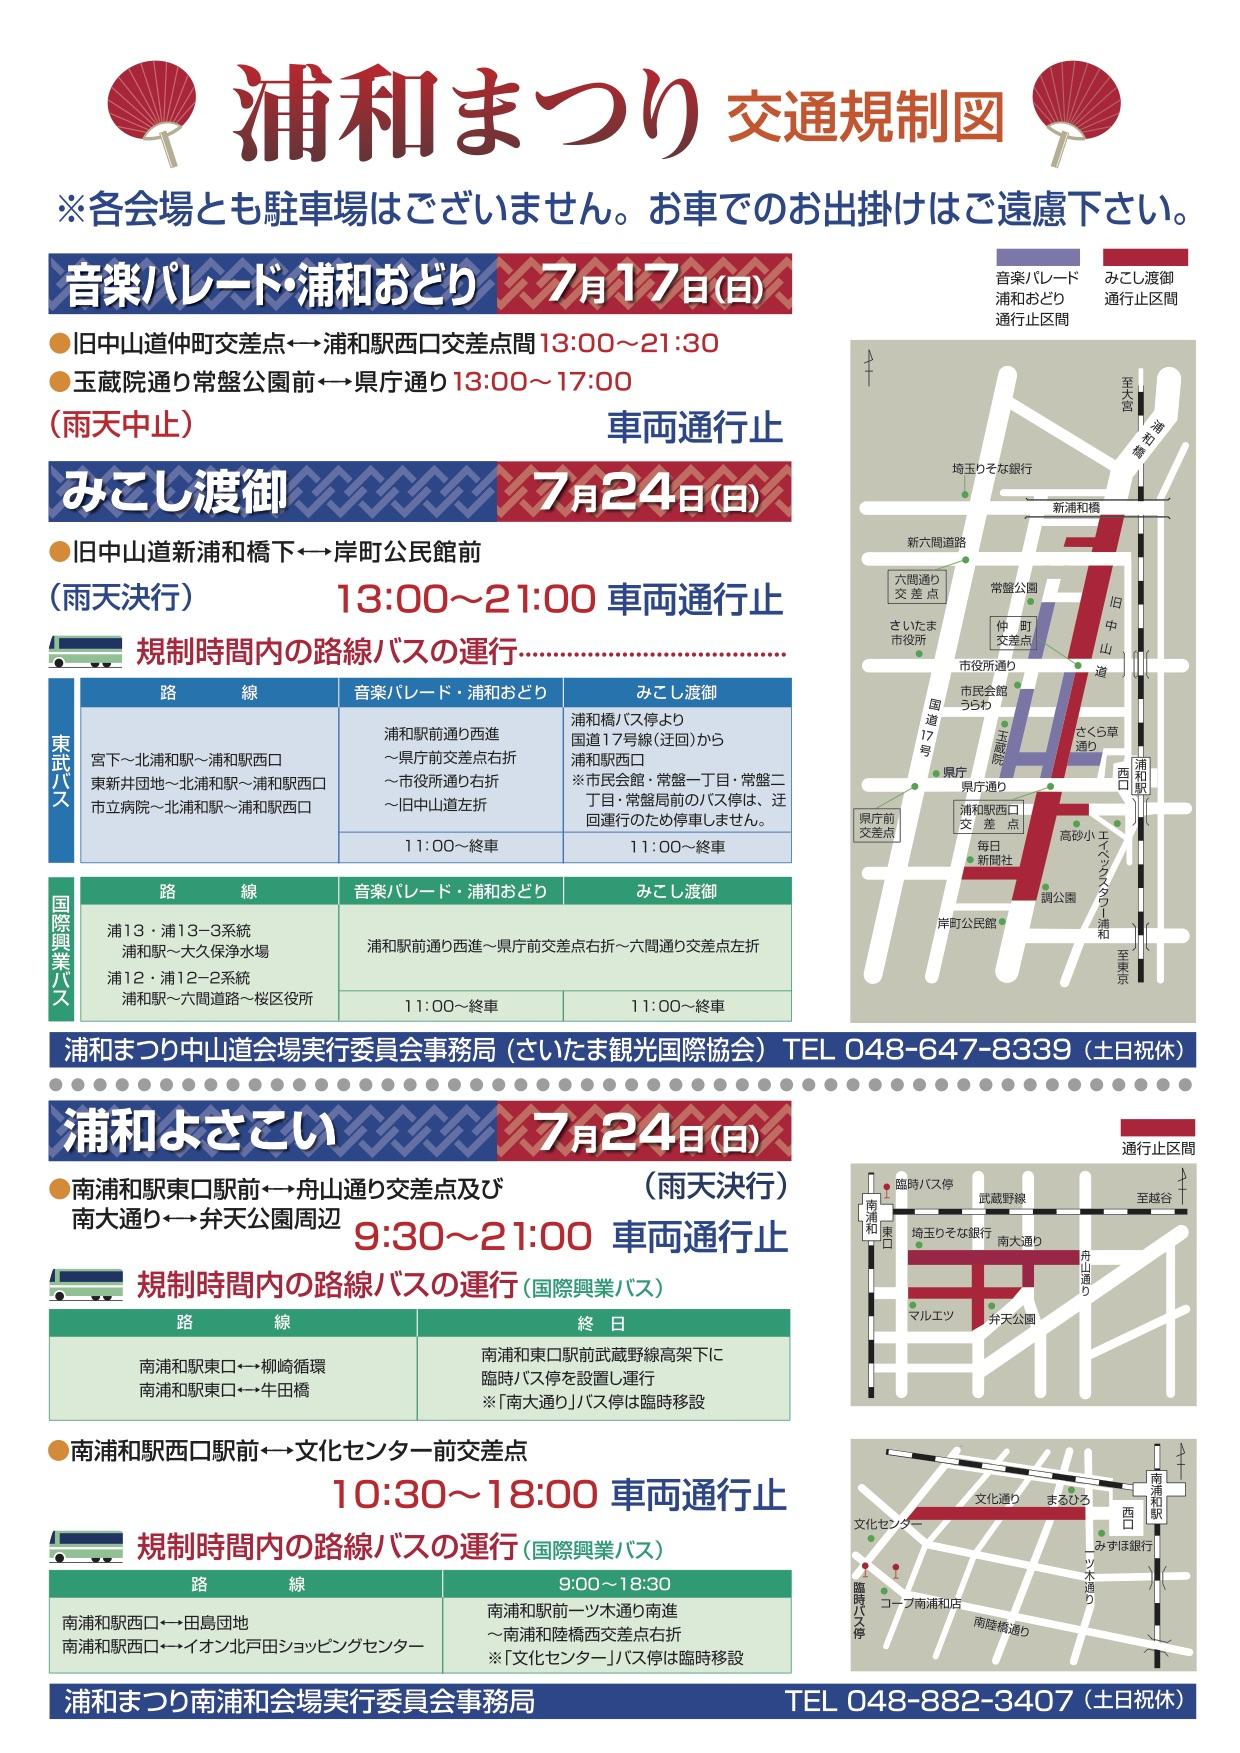 浦和まつり 交通規制図